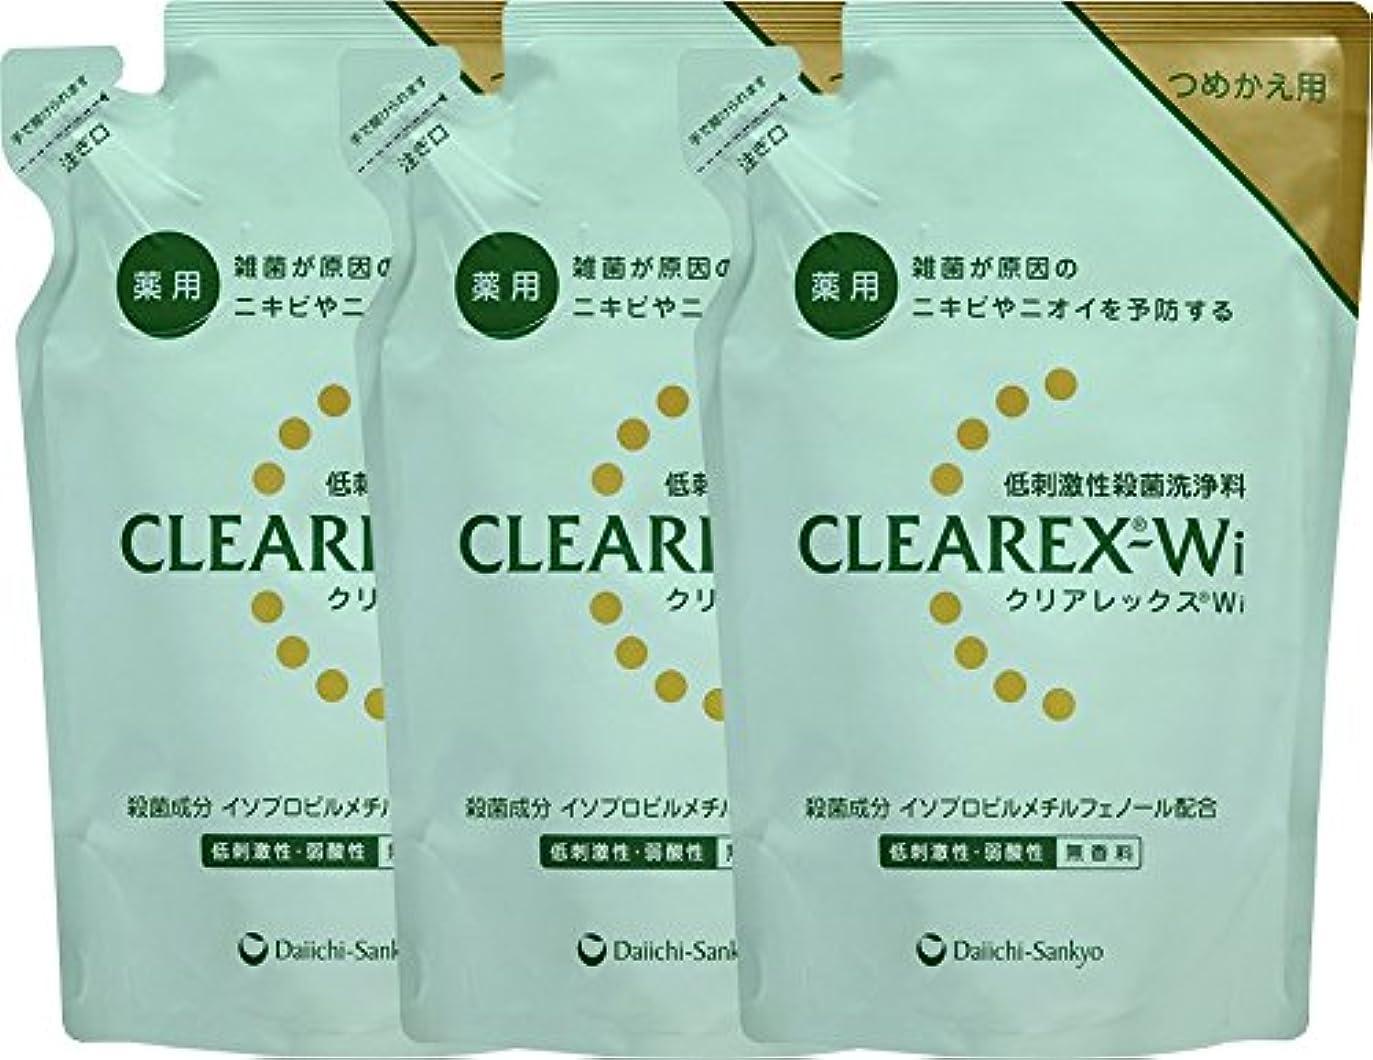 【3個セット】クリアレックスWi つめ替用 380ml